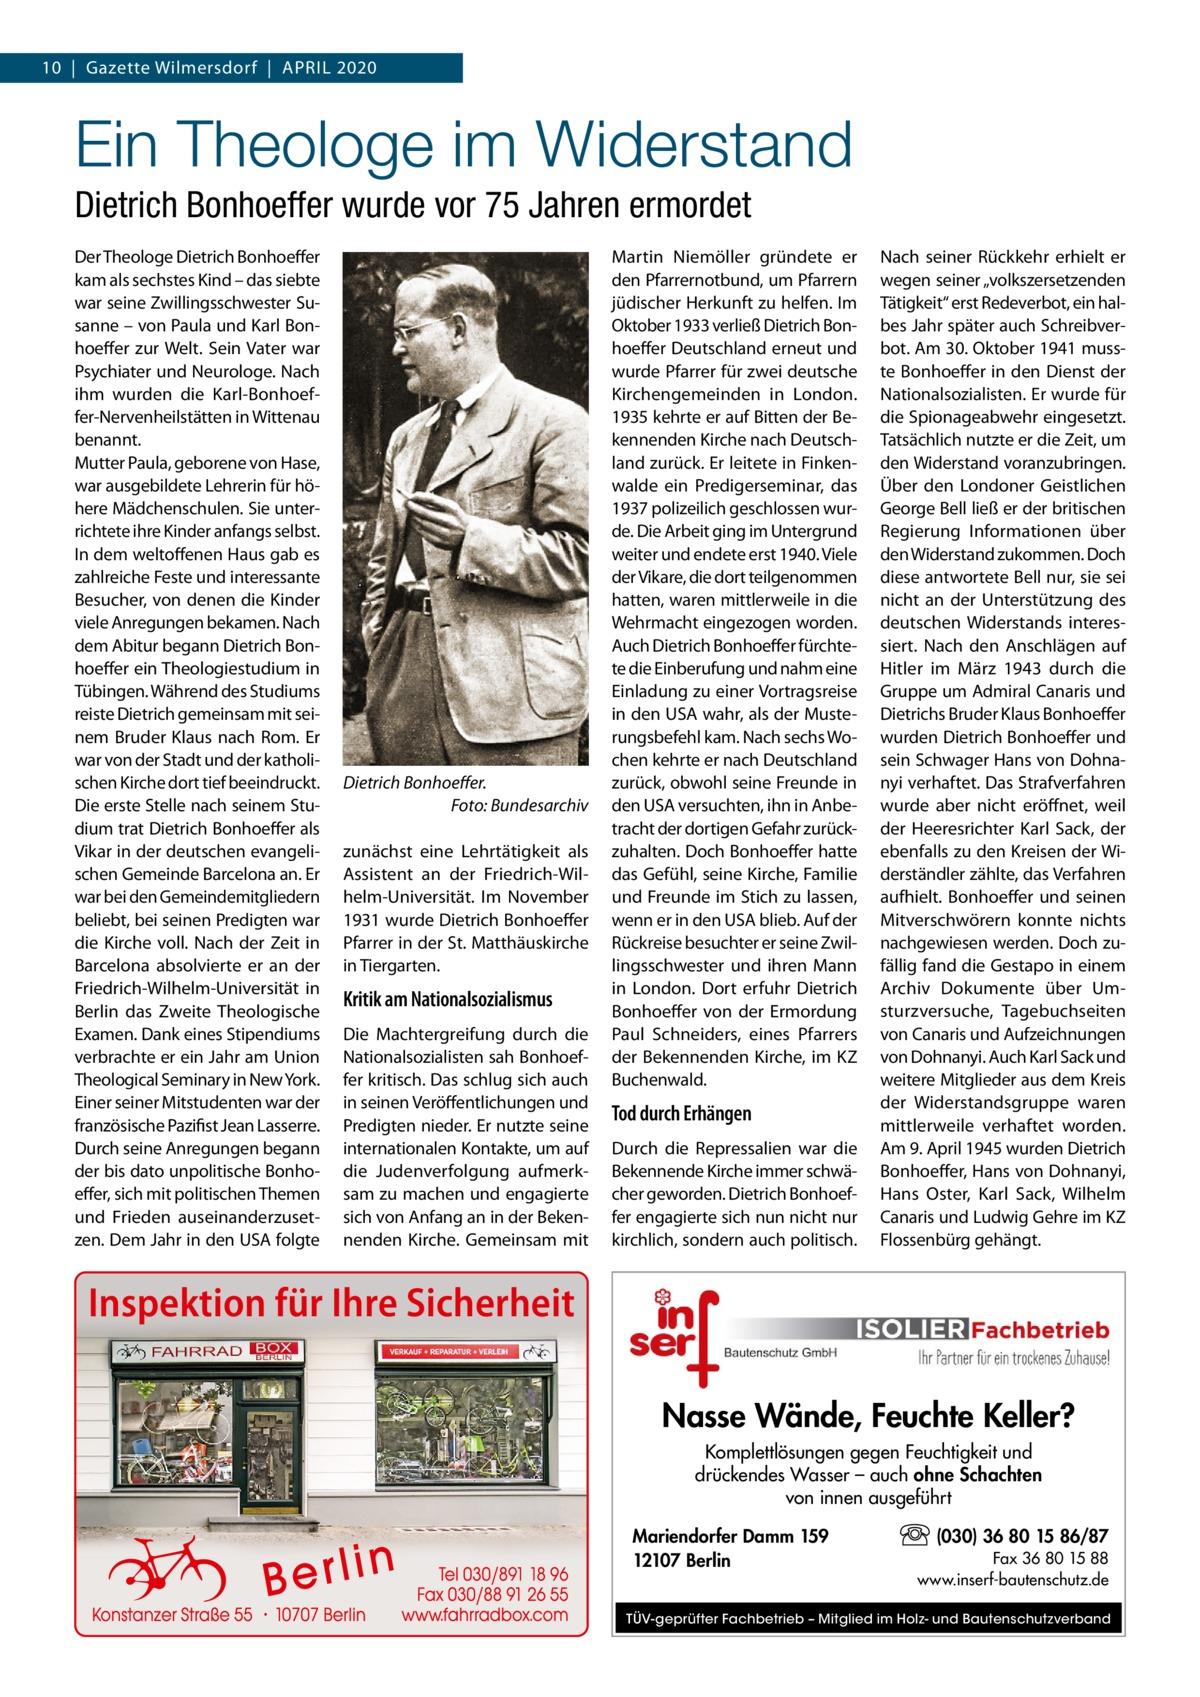 10 Gazette Wilmersdorf April 2020  Ein Theologe im Widerstand Dietrich Bonhoeffer wurde vor 75Jahren ermordet Der Theologe Dietrich Bonhoeffer kam als sechstes Kind – das siebte war seine Zwillingsschwester Susanne – von Paula und Karl Bonhoeffer zur Welt. Sein Vater war Psychiater und Neurologe. Nach ihm wurden die Karl-Bonhoeffer-Nervenheilstätten in Wittenau benannt. Mutter Paula, geborene von Hase, war ausgebildete Lehrerin für höhere Mädchenschulen. Sie unterrichtete ihre Kinder anfangs selbst. In dem weltoffenen Haus gab es zahlreiche Feste und interessante Besucher, von denen die Kinder viele Anregungen bekamen. Nach dem Abitur begann Dietrich Bonhoeffer ein Theologiestudium in Tübingen. Während des Studiums reiste Dietrich gemeinsam mit seinem Bruder Klaus nach Rom. Er war von der Stadt und der katholischen Kirche dort tief beeindruckt. Die erste Stelle nach seinem Studium trat Dietrich Bonhoeffer als Vikar in der deutschen evangelischen Gemeinde Barcelona an. Er war bei den Gemeindemitgliedern beliebt, bei seinen Predigten war die Kirche voll. Nach der Zeit in Barcelona absolvierte er an der Friedrich-Wilhelm-Universität in Berlin das Zweite Theologische Examen. Dank eines Stipendiums verbrachte er ein Jahr am Union Theological Seminary in New York. Einer seiner Mitstudenten war der französische Pazifist Jean Lasserre. Durch seine Anregungen begann der bis dato unpolitische Bonhoeffer, sich mit politischen Themen und Frieden auseinanderzusetzen. Dem Jahr in den USA folgte  Dietrich Bonhoeffer. � Foto: Bundesarchiv zunächst eine Lehrtätigkeit als Assistent an der Friedrich-Wilhelm-Universität. Im November 1931 wurde Dietrich Bonhoeffer Pfarrer in der St. Matthäuskirche in Tiergarten.  Kritik am Nationalsozialismus Die Machtergreifung durch die Nationalsozialisten sah Bonhoeffer kritisch. Das schlug sich auch in seinen Veröffentlichungen und Predigten nieder. Er nutzte seine internationalen Kontakte, um auf die Judenverfolgung aufmerksam zu machen und engagie